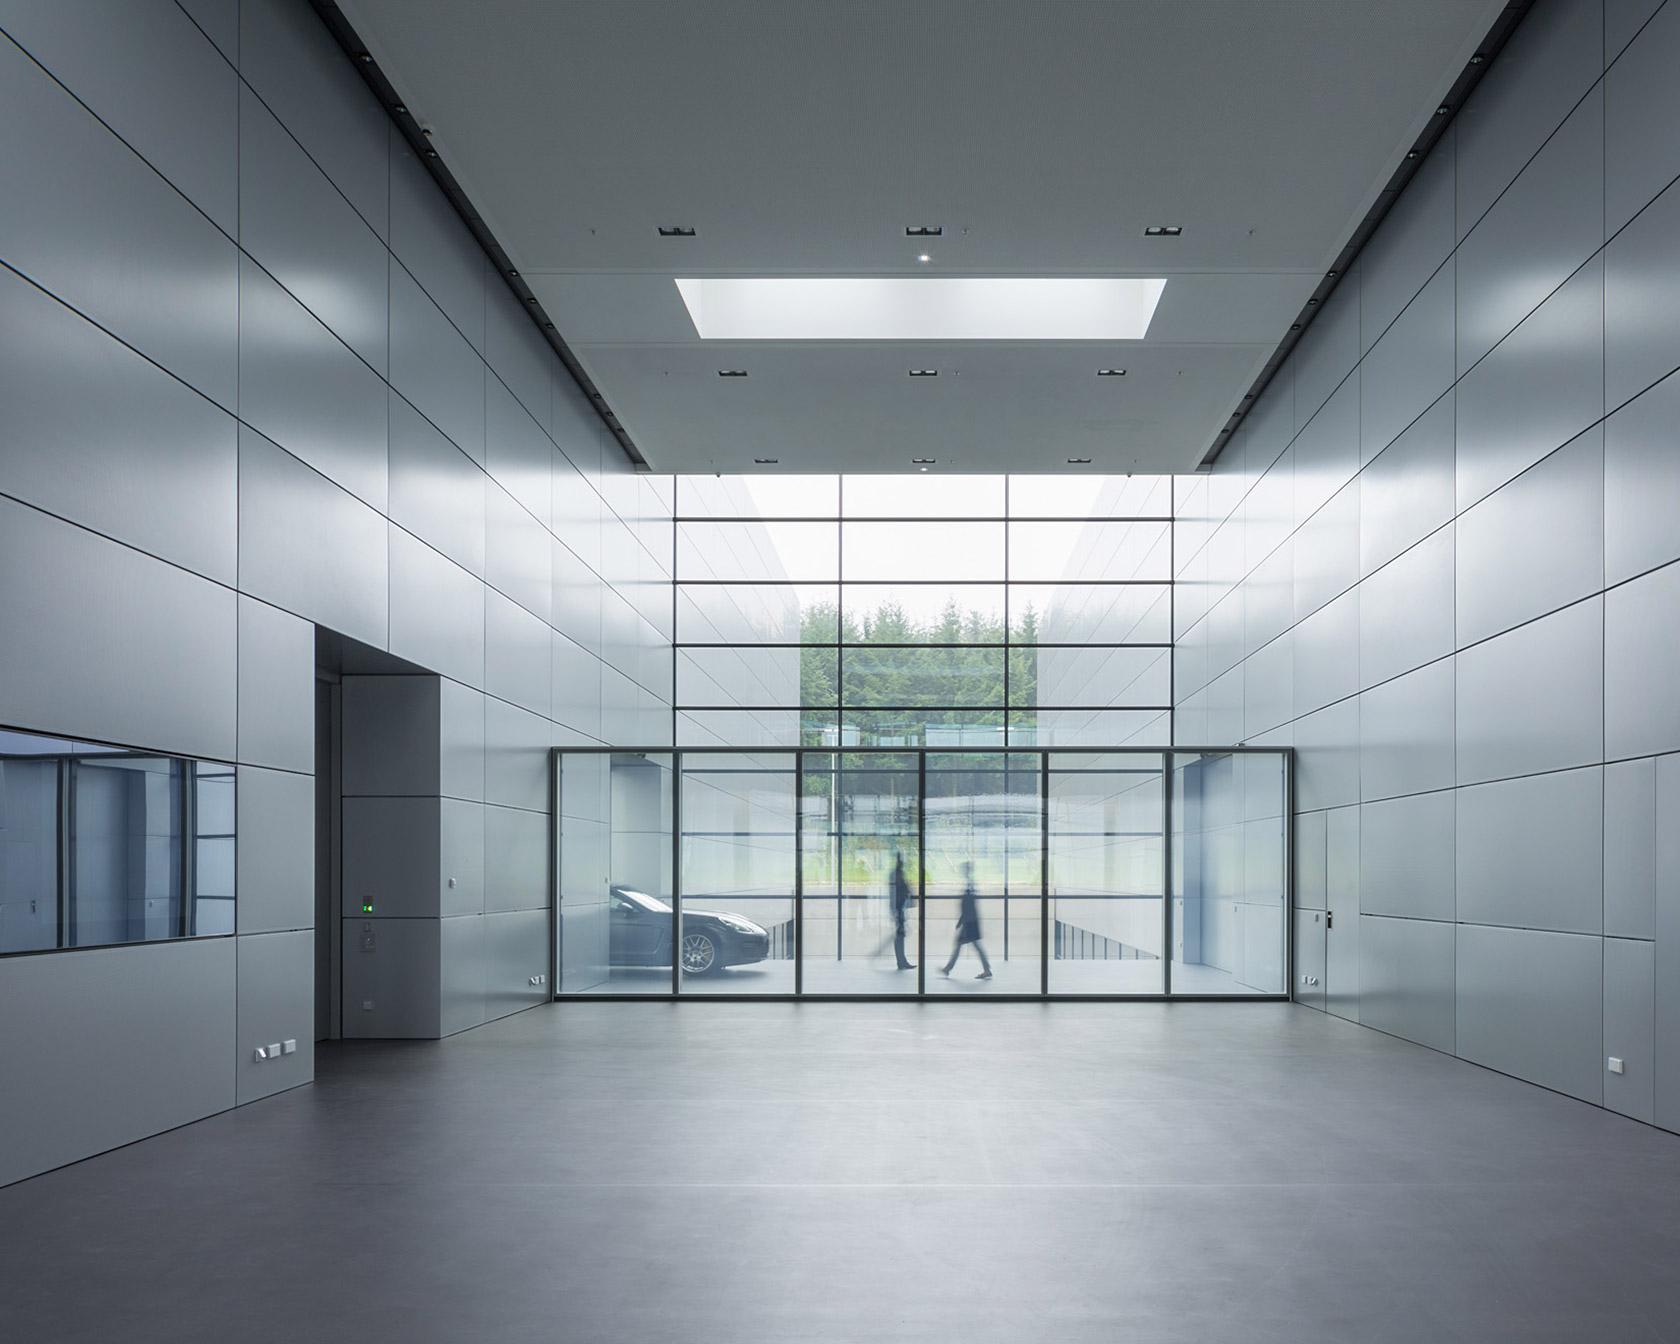 Porsche design centre, Weissach